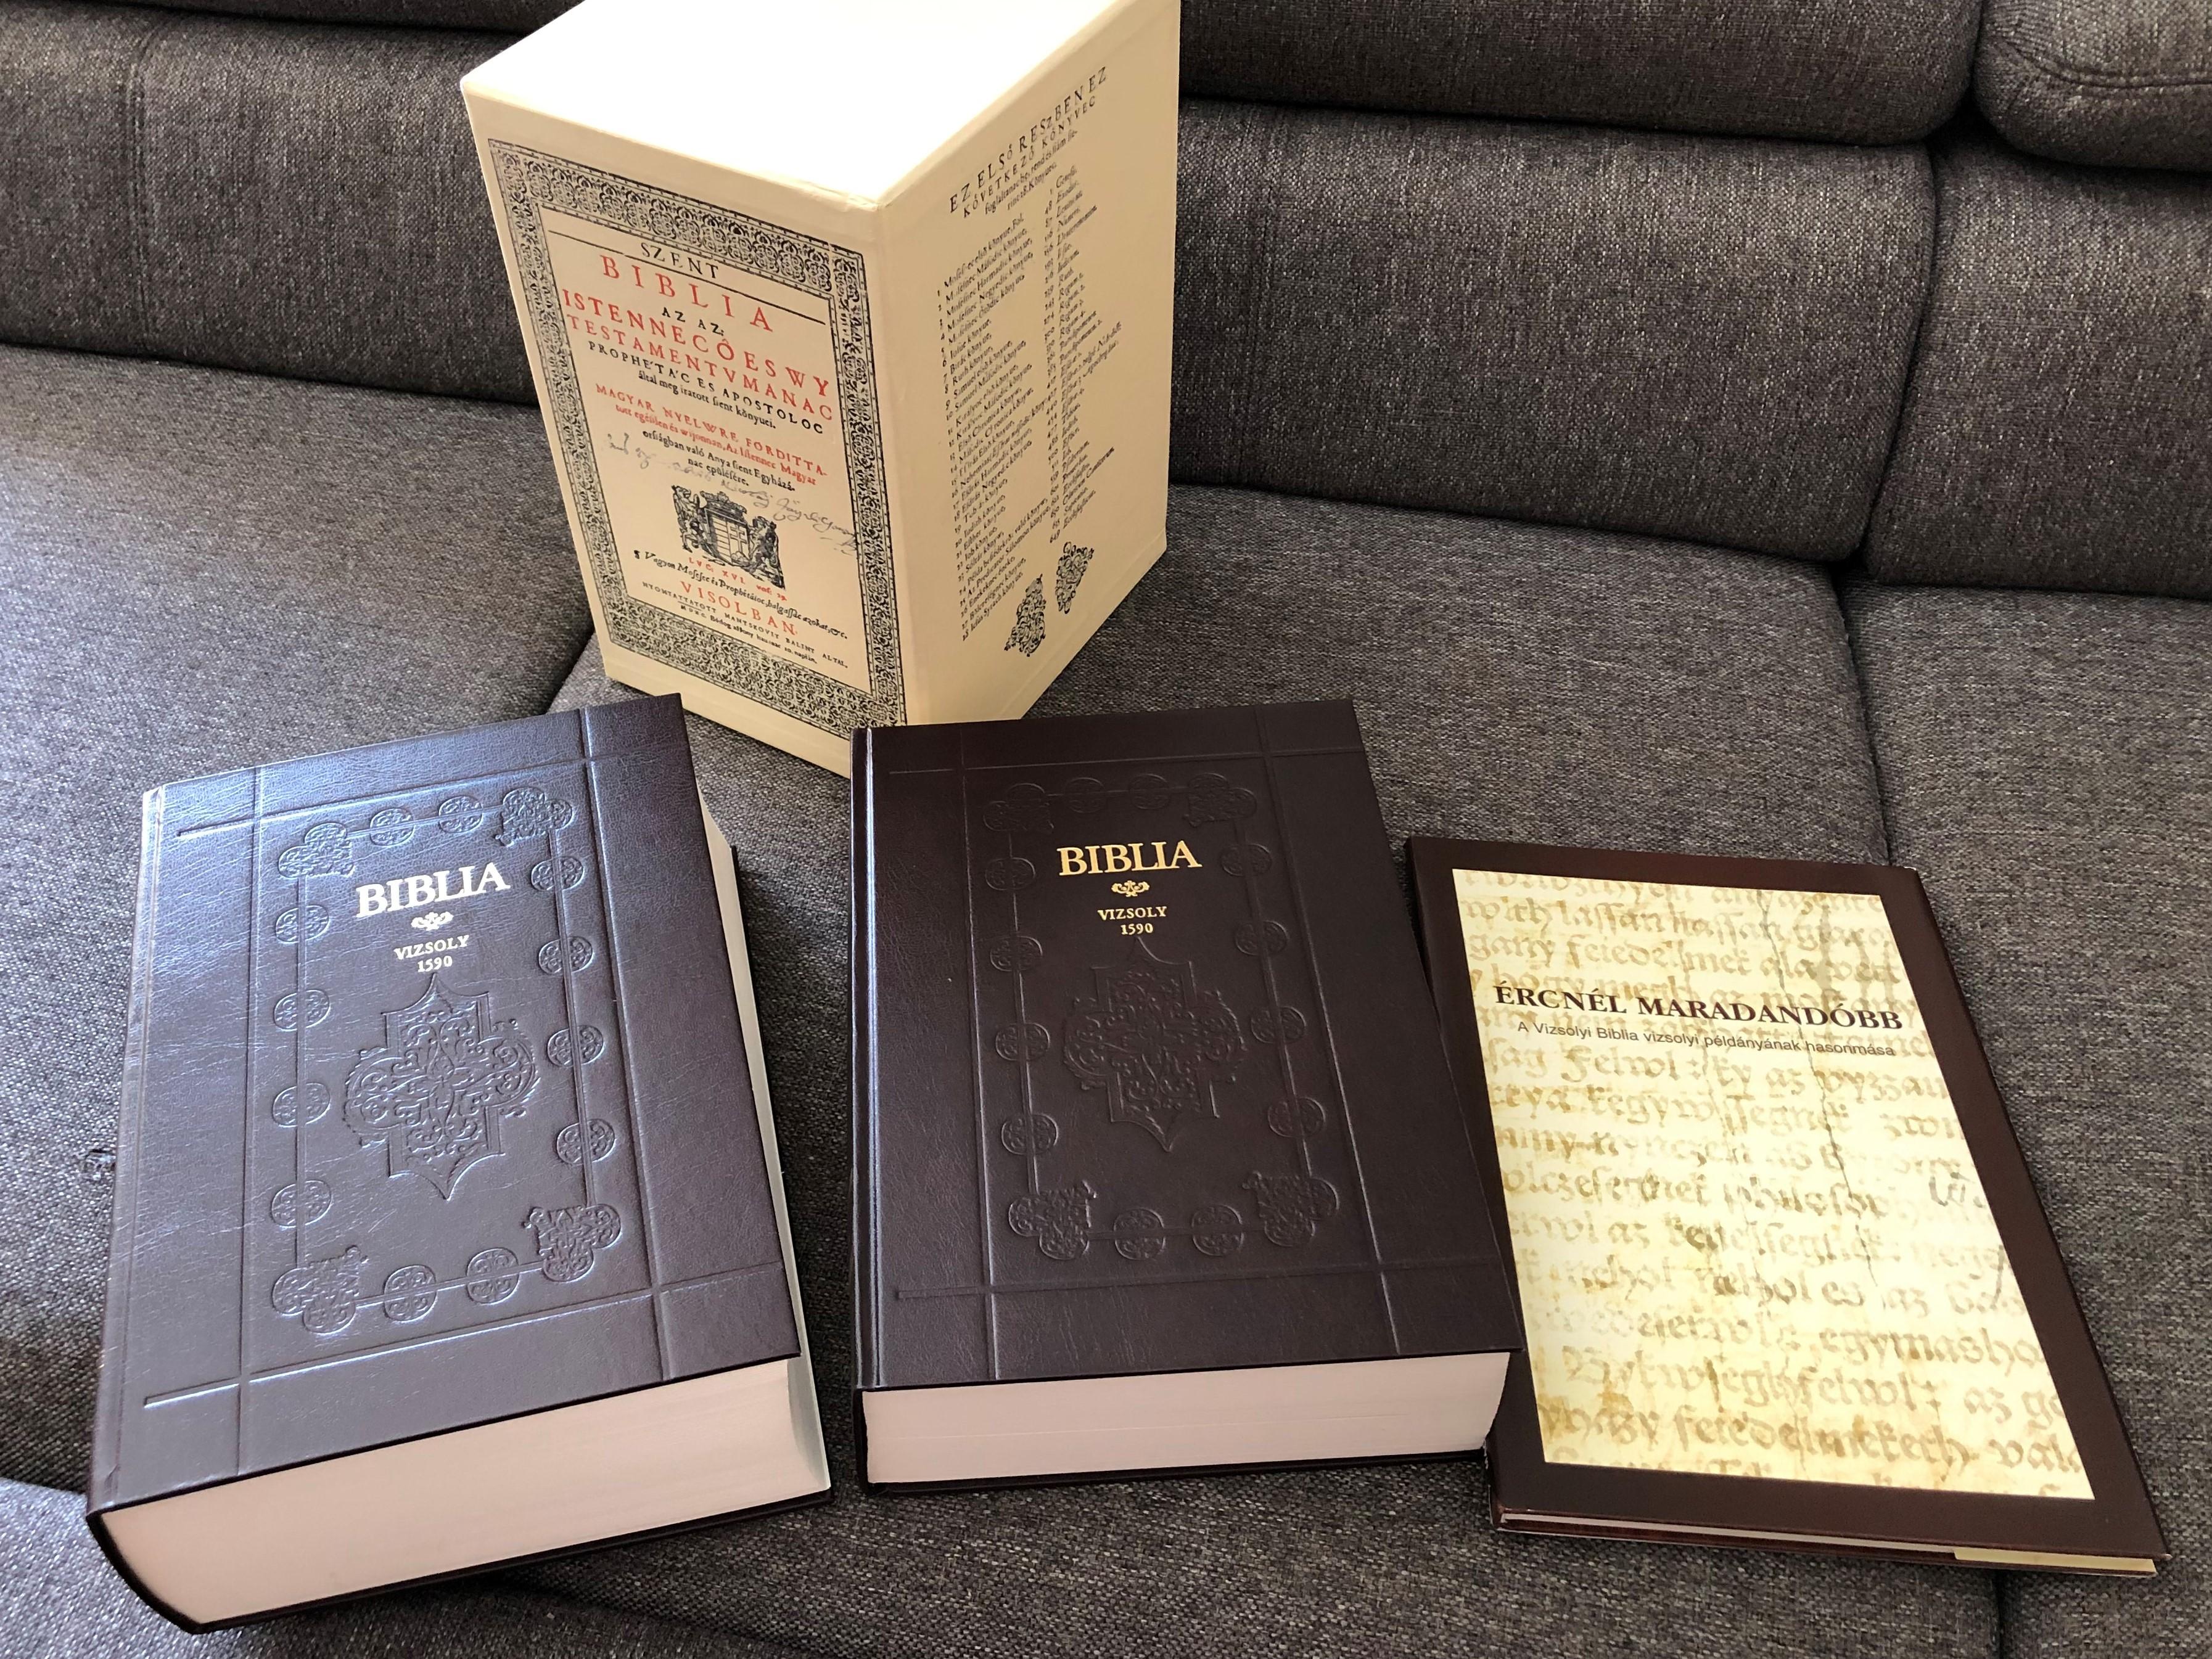 vizsolyi-szent-biblia-1590-hungarian-1590-k-roli-translation-reprint-holy-bible-set-istennec-es-wy-testamentvmanac-prophe-ta-c-es-apostoloc-ltal-meg-iratott-szent-k-nyuei-rcn-l-maradand-bb-tanulm-ny-essay-book-d-6357110-.jpg